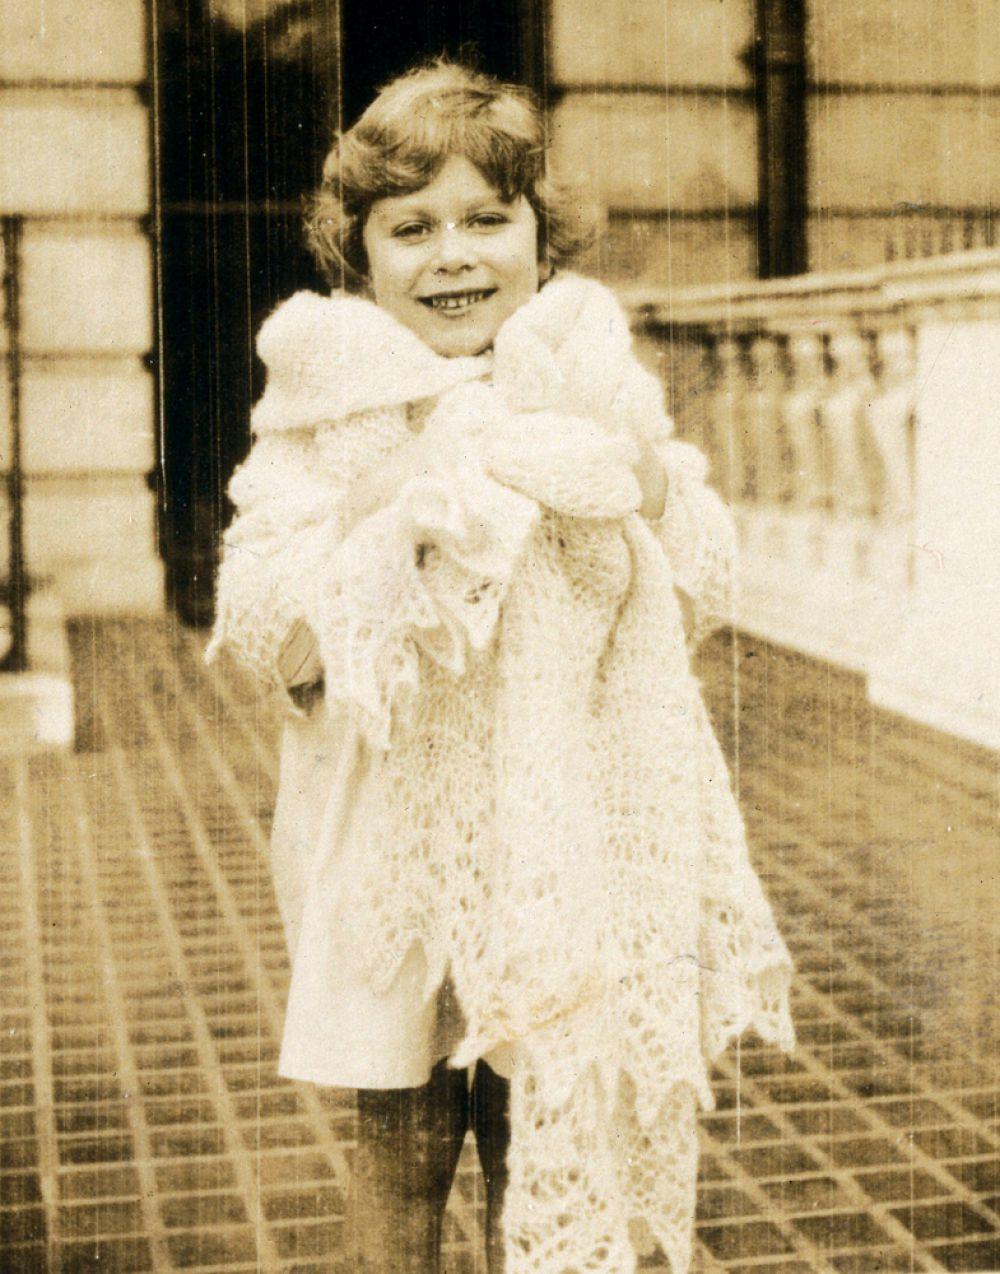 Принцесса Елизавета Александра Мэри Виндзор (Elizabeth Alexandra Mary Windsor), так назвали при рождении будущую королеву, — из династии Виндзоров. Она старшая дочь герцога Йоркского Георга, будущего короля Великобритании Георга VI (1895-1952) и леди Елизаветы Боуз-Лайон (1900-2002).